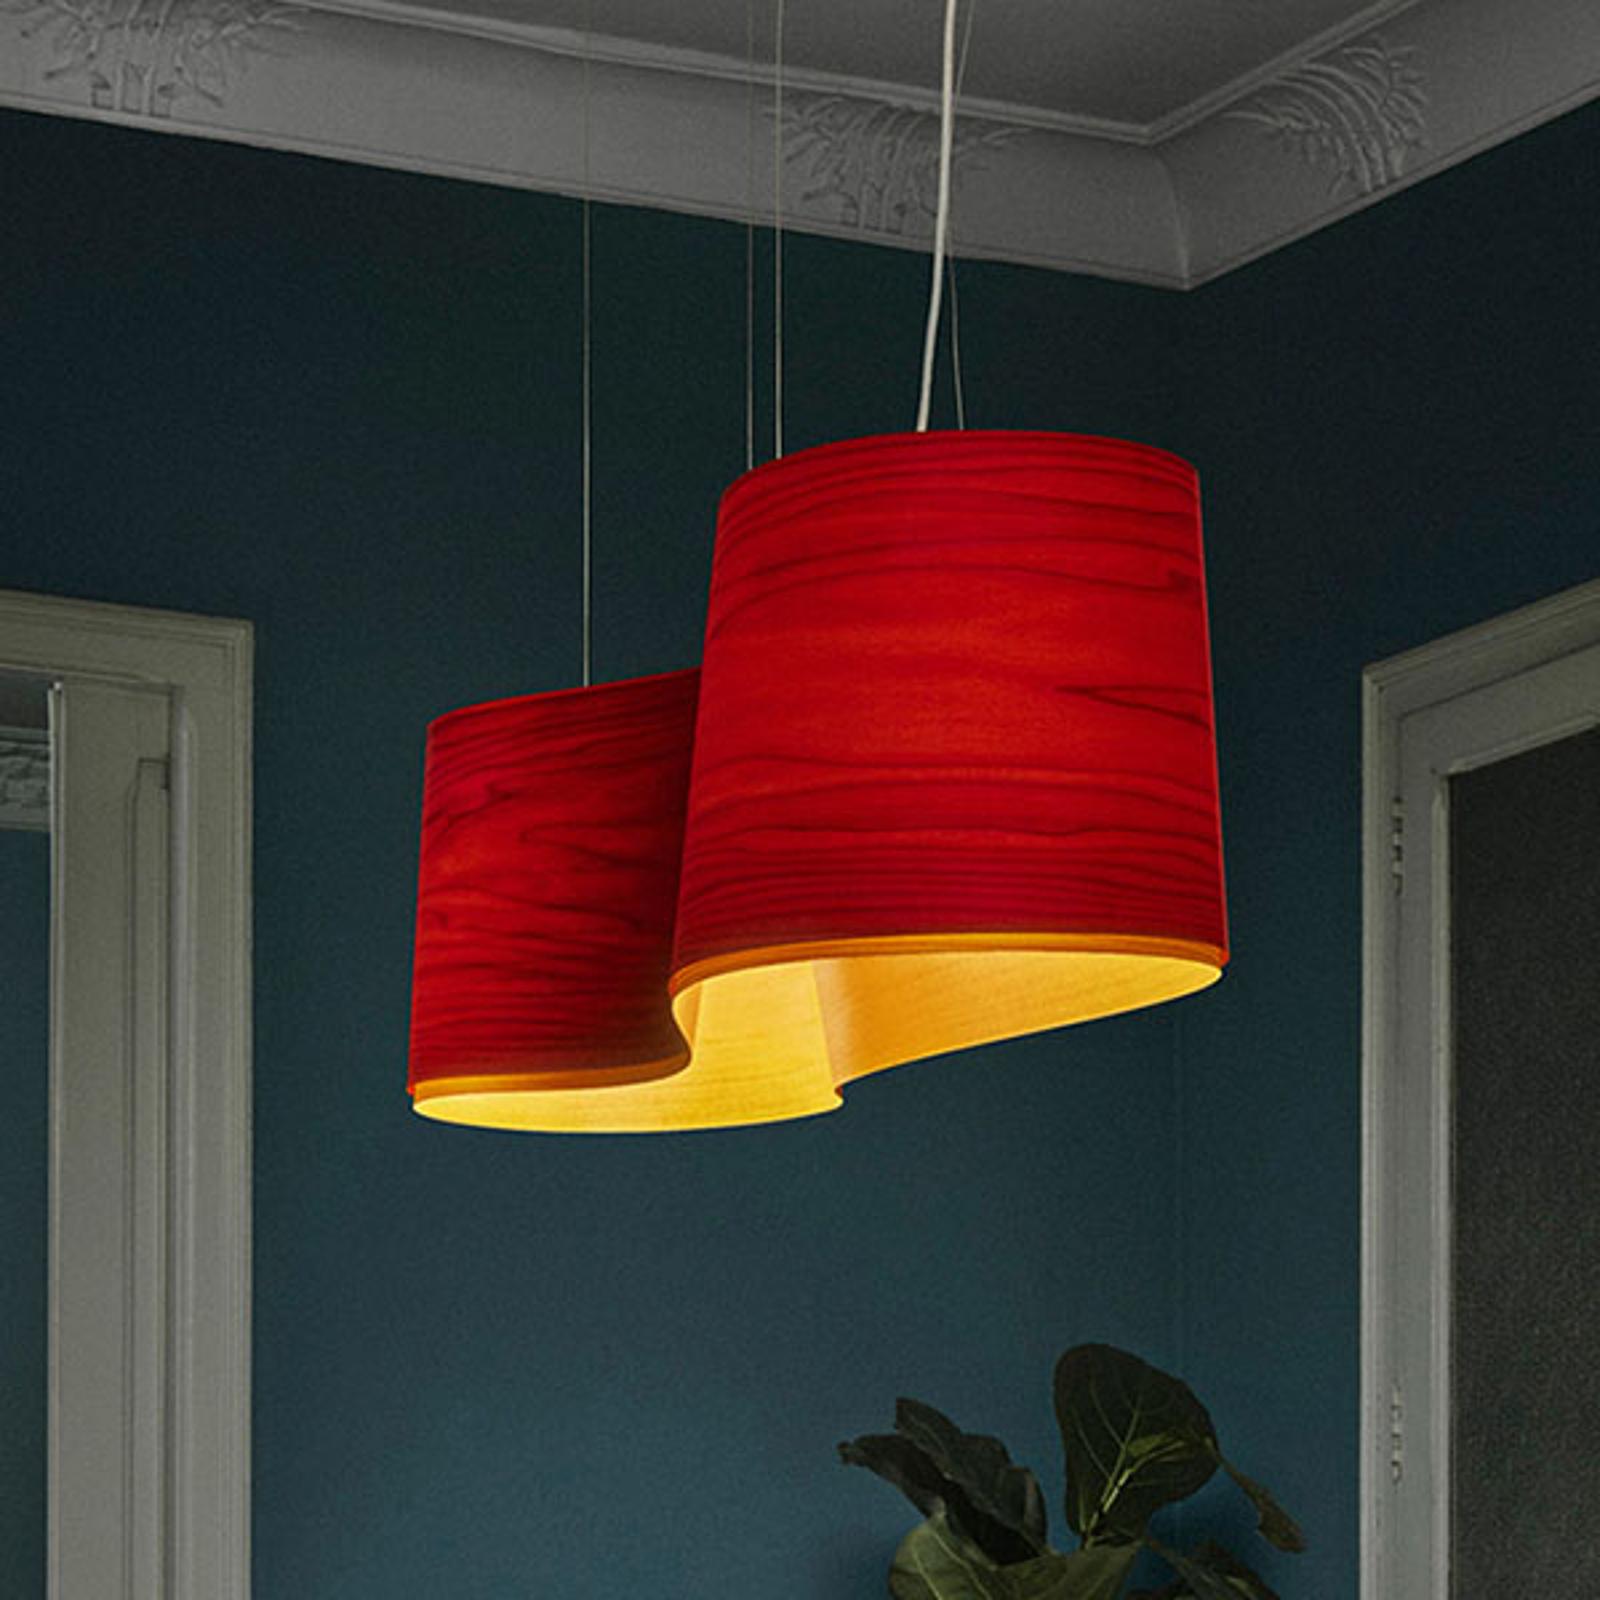 LZF New Wave lampa wisząca, czerwona/żółta